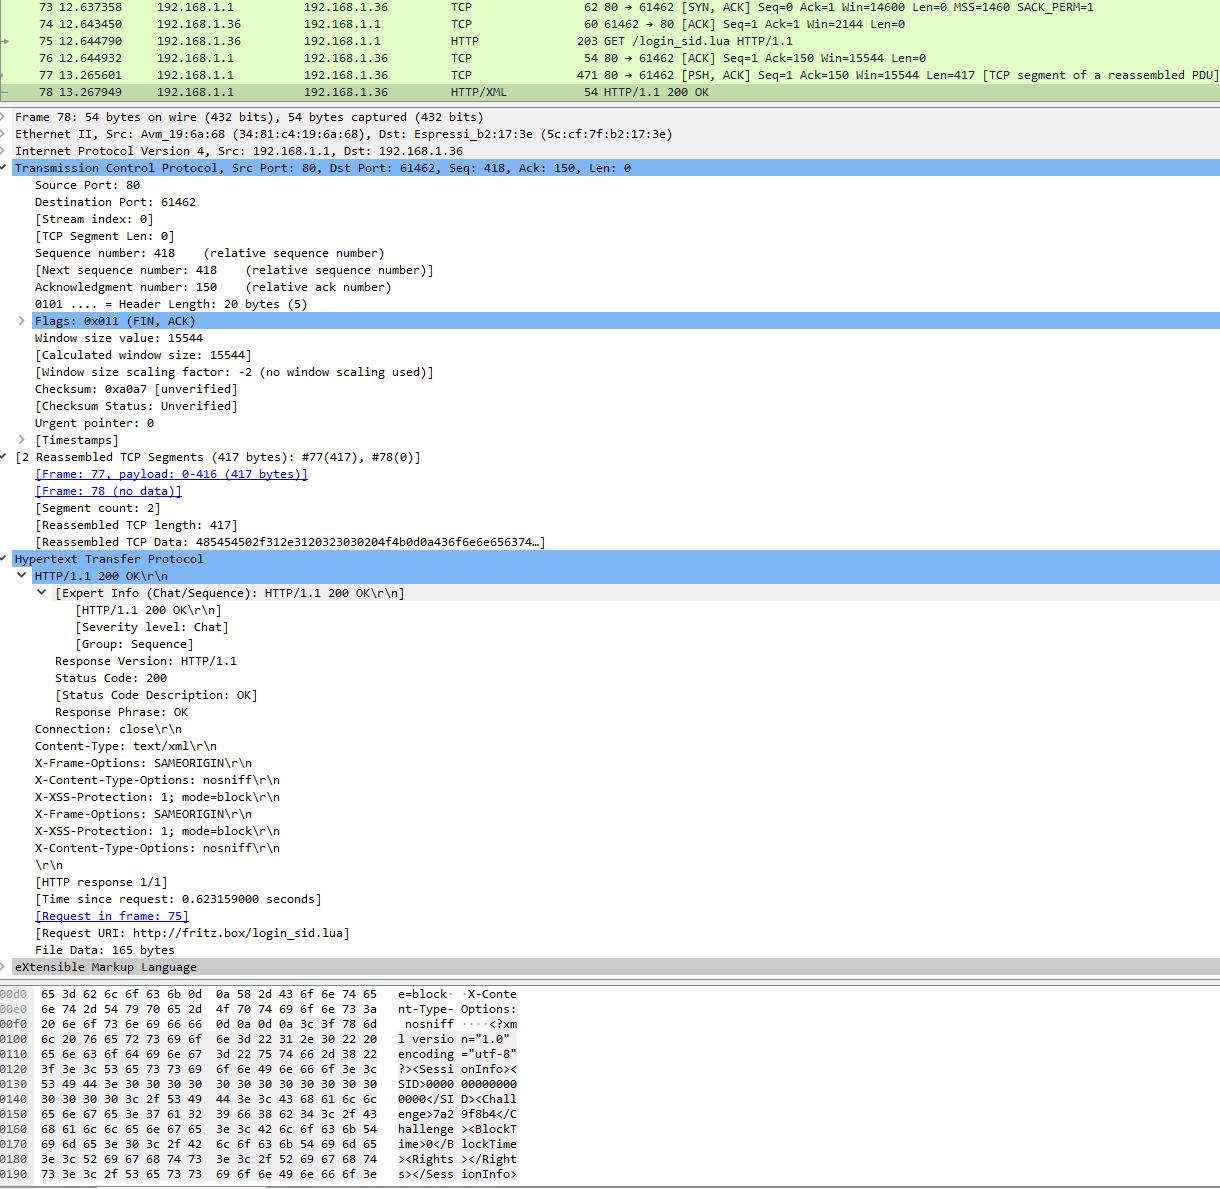 ESP8266HTTPclient http getstring() causing delays since